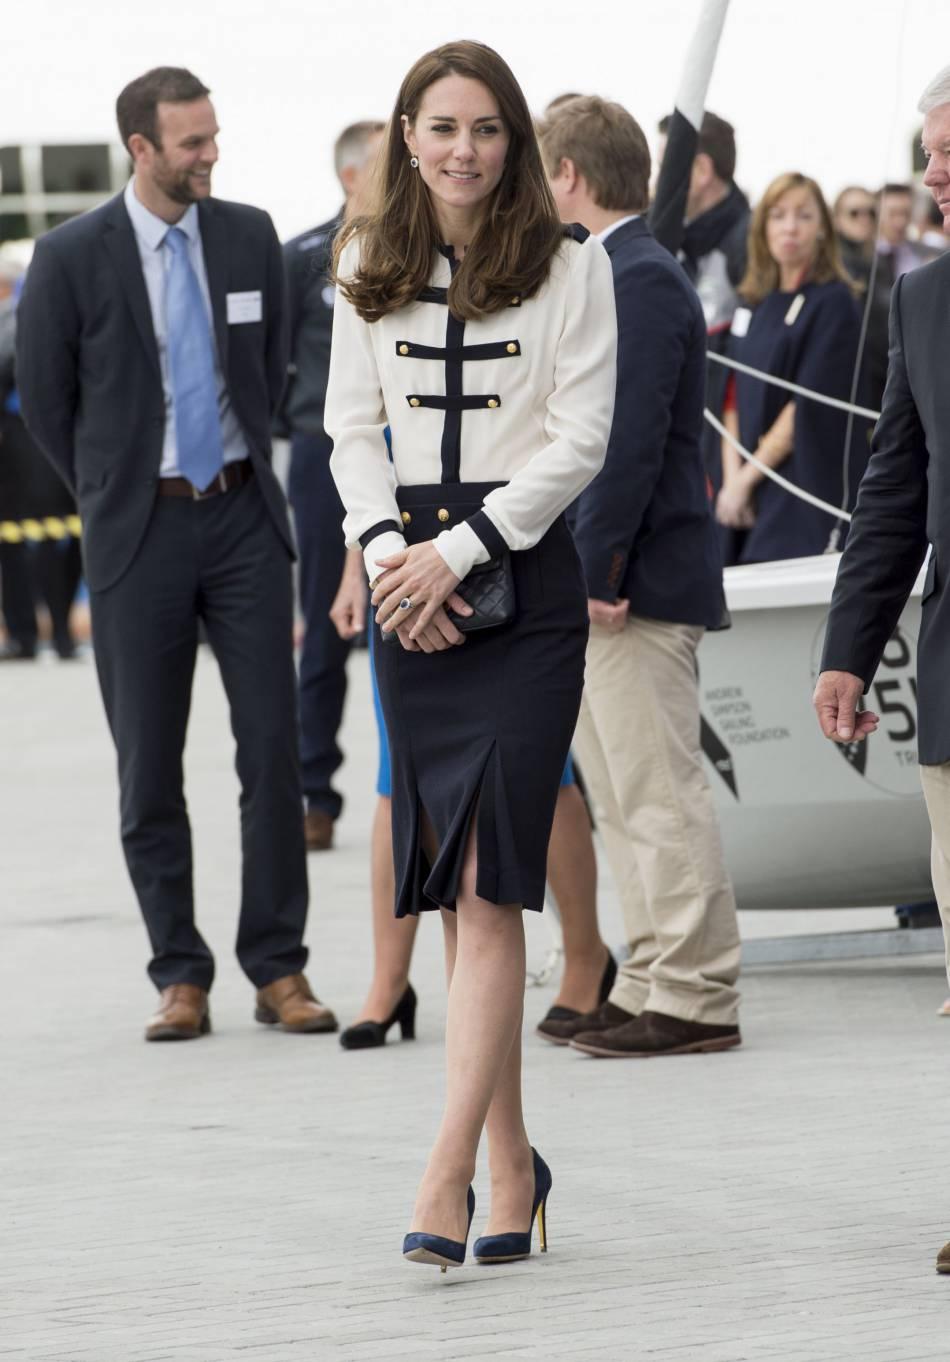 Kate Middleton : douée pour la photographie, elle pourrait tout a fait mener une carrière d'artiste si elle le souhaitait !